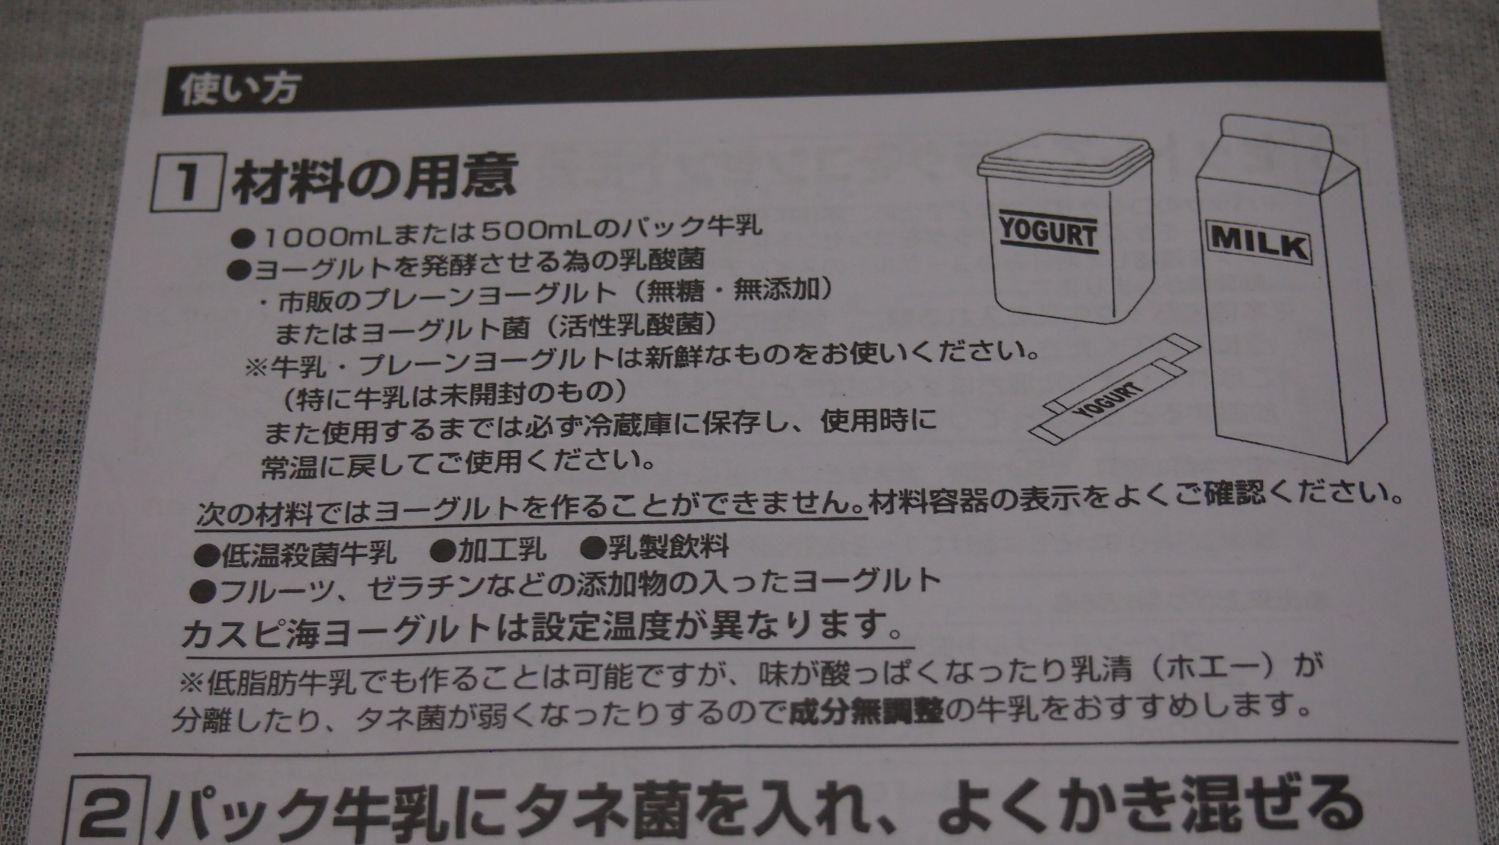 ヒロ・コーポレーション ヨーグルトメーカー HG-Y260の説明書の一部 ヨーグルトの作り方